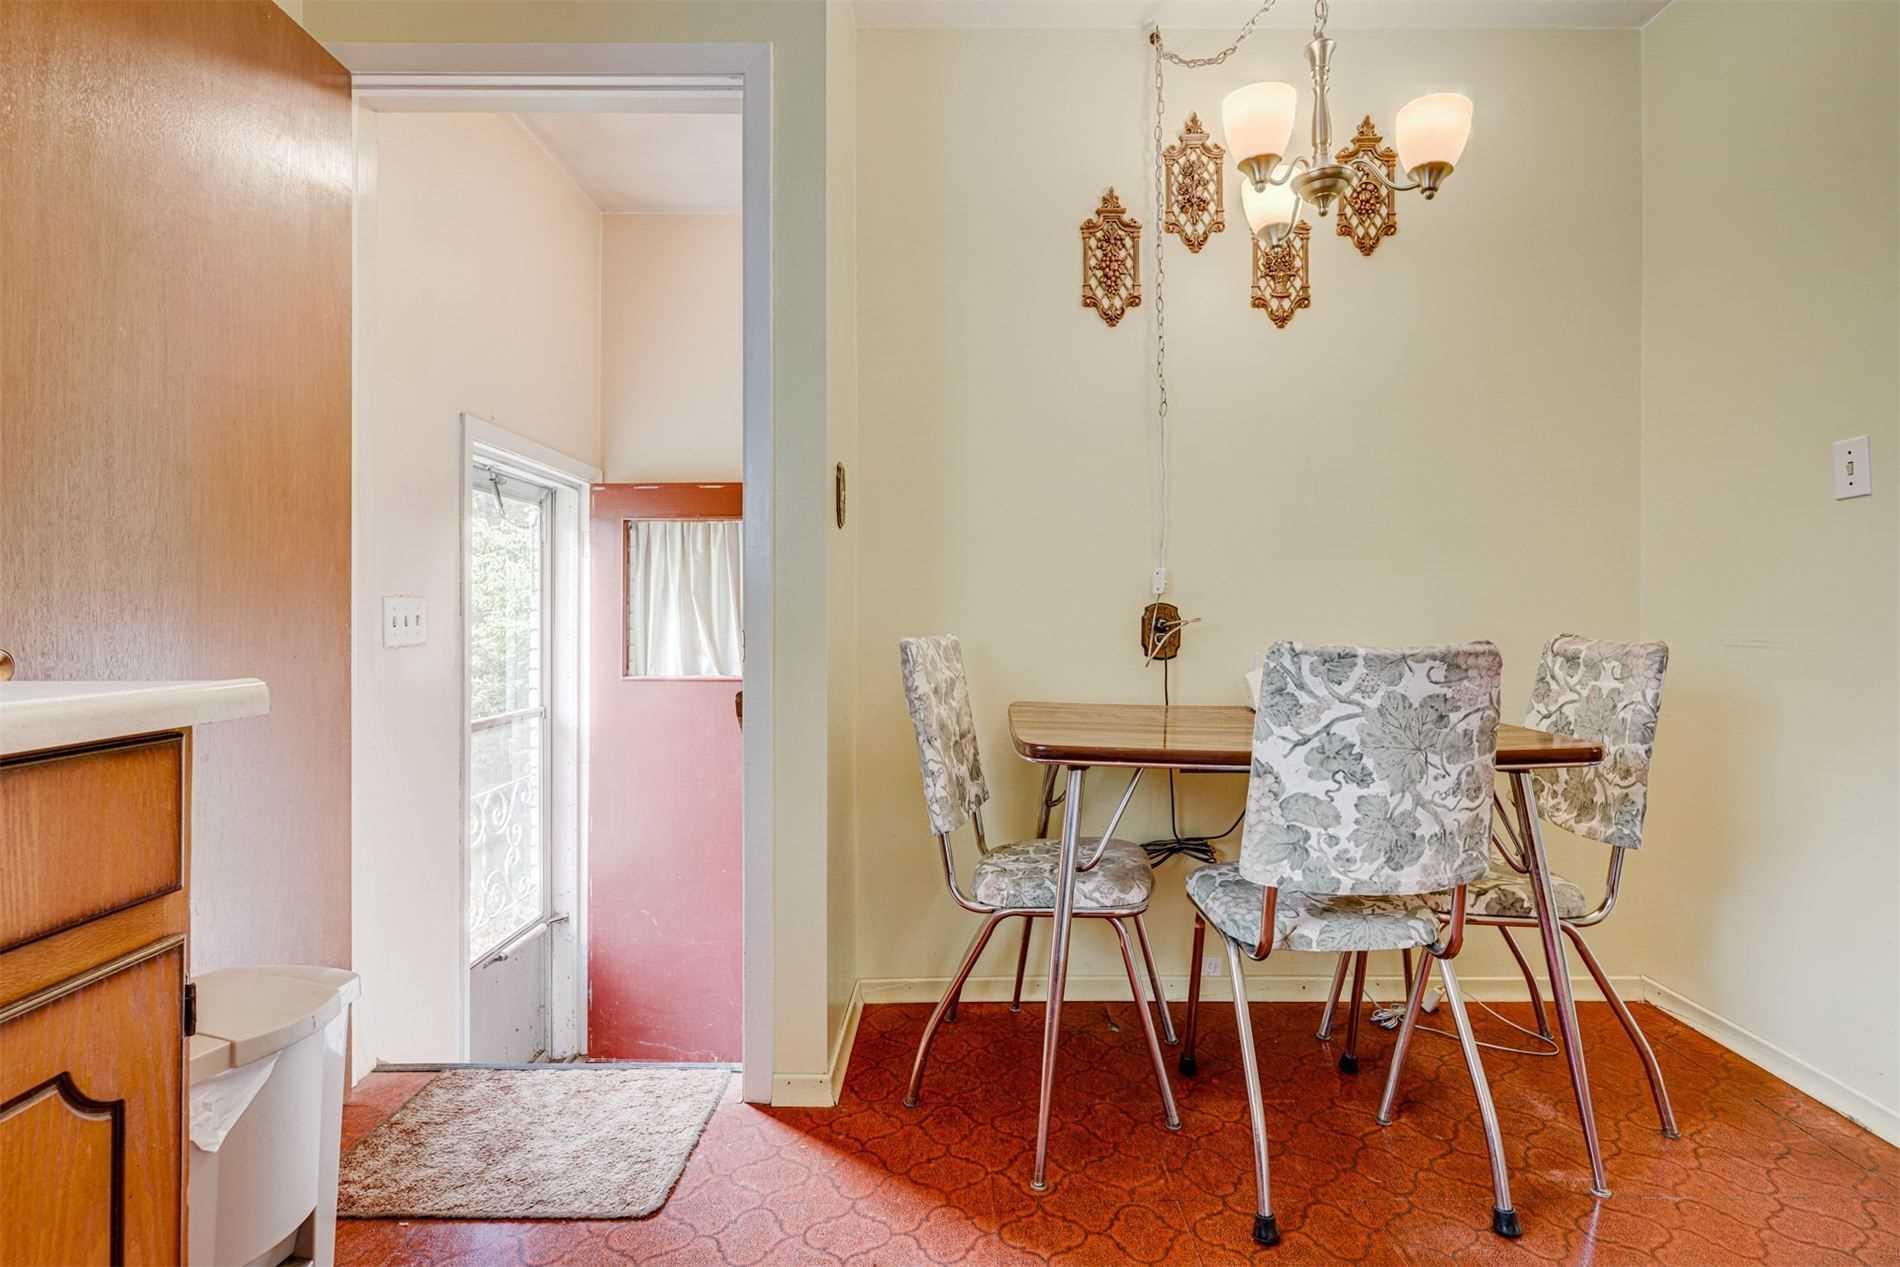 4189 Brock Rd - Uxbridge Detached for sale, 3 Bedrooms (N5311768) - #30